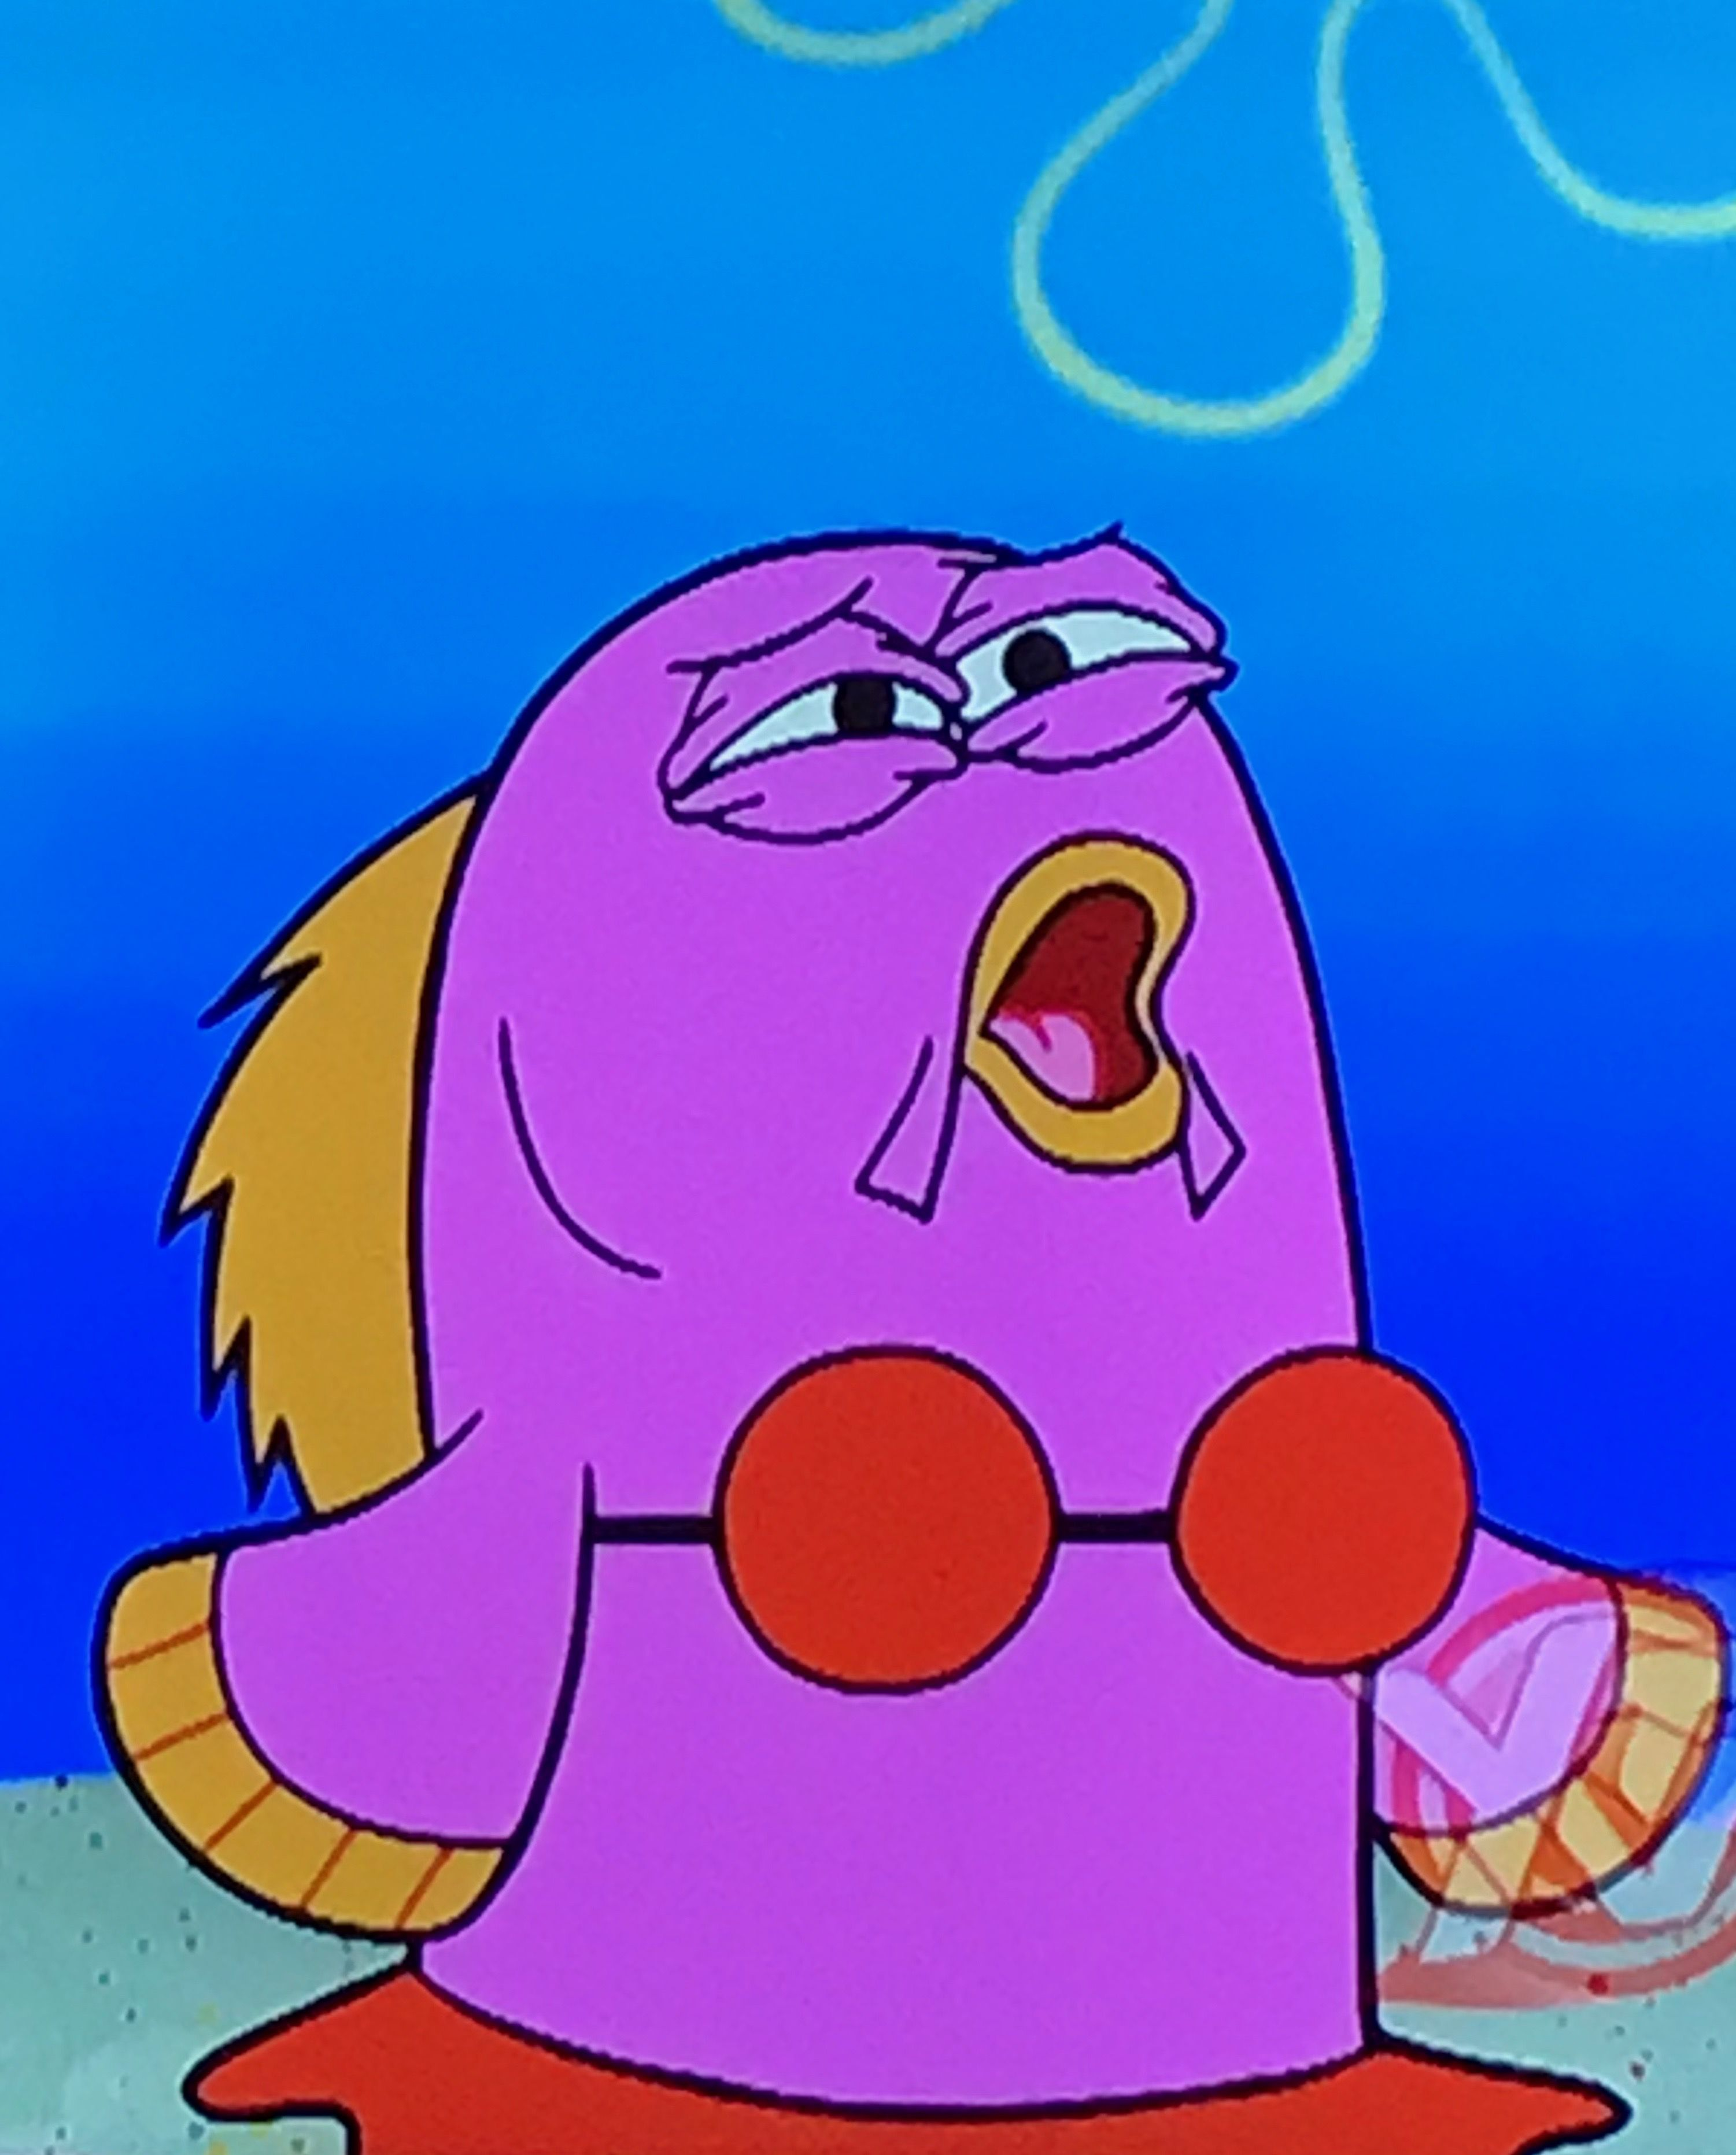 Pin by Papa Smoke on The FBI Spongebob memes, Rainbow